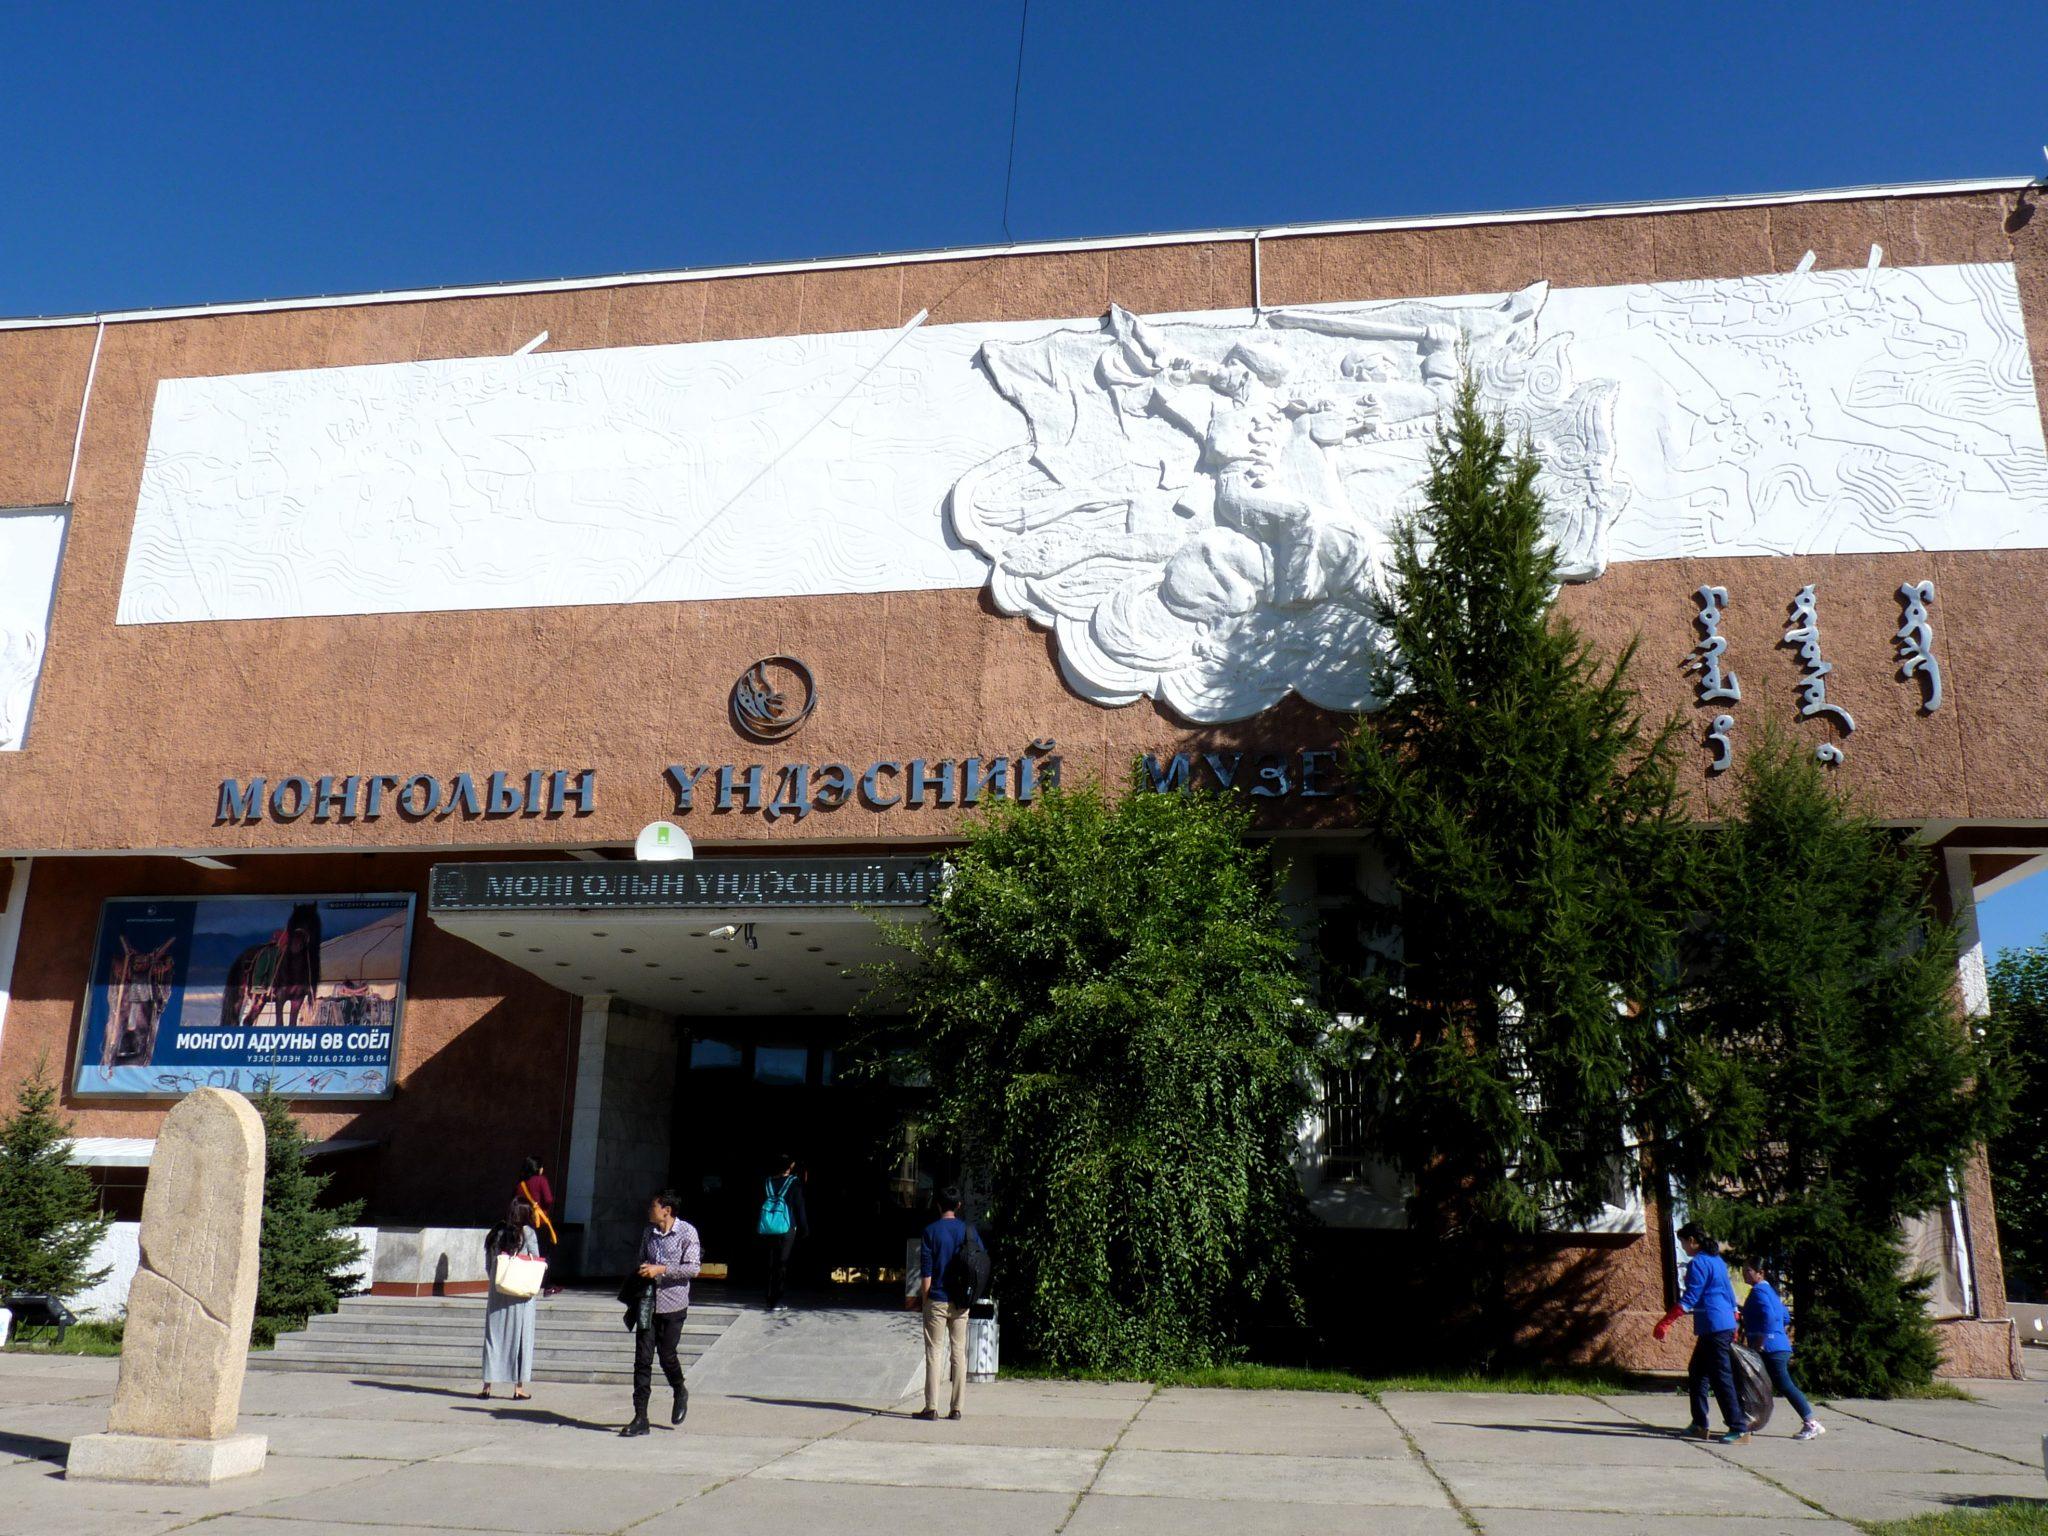 Museu Nacional de História da Mongólia 01 Ulaanbaatar Mundo Indefinido